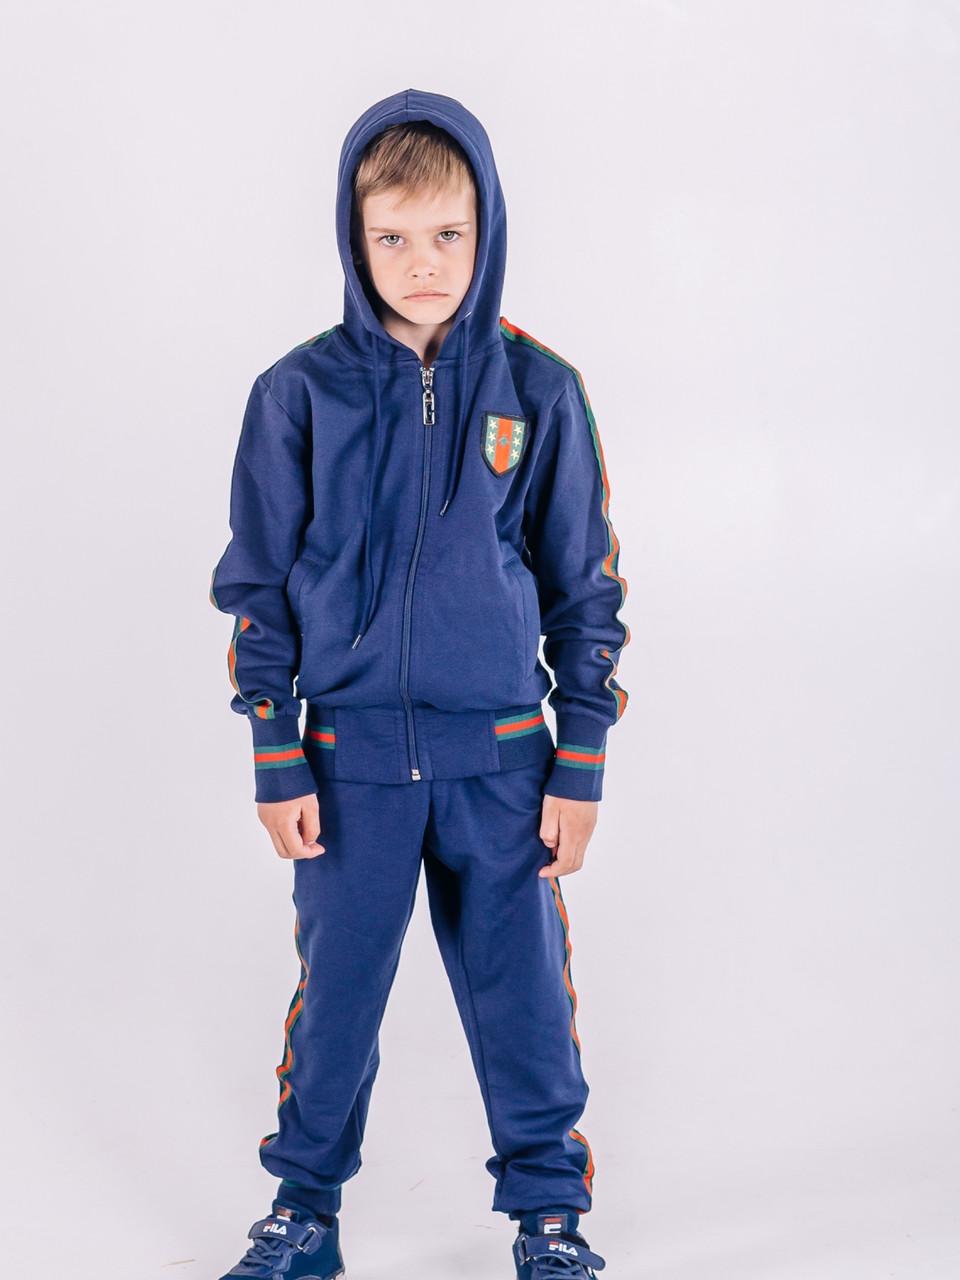 Спортивный костюм для мальчика 6-7лет